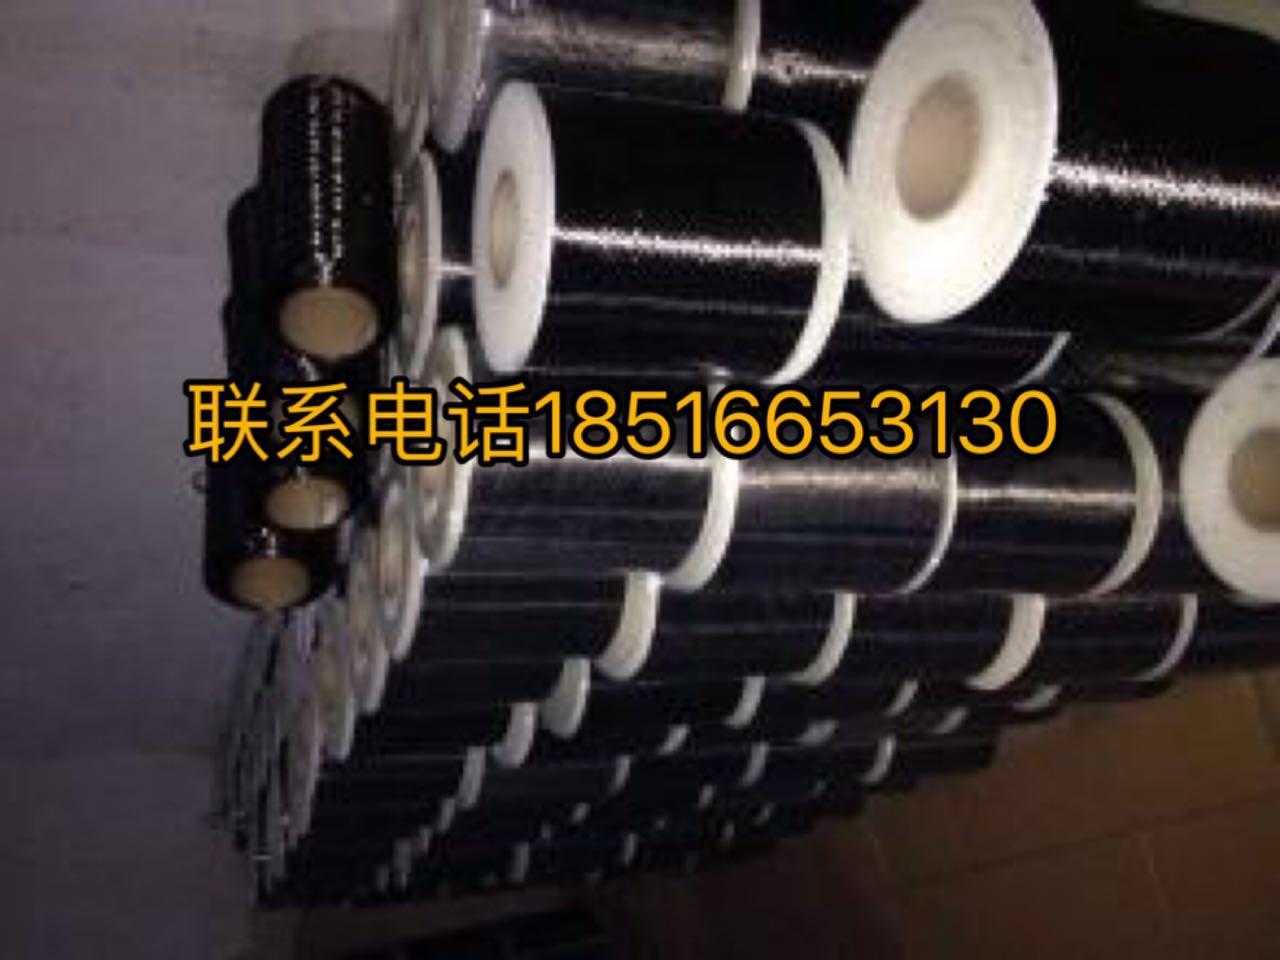 潍坊碳纤维布生产厂家 潍坊碳纤维布价格